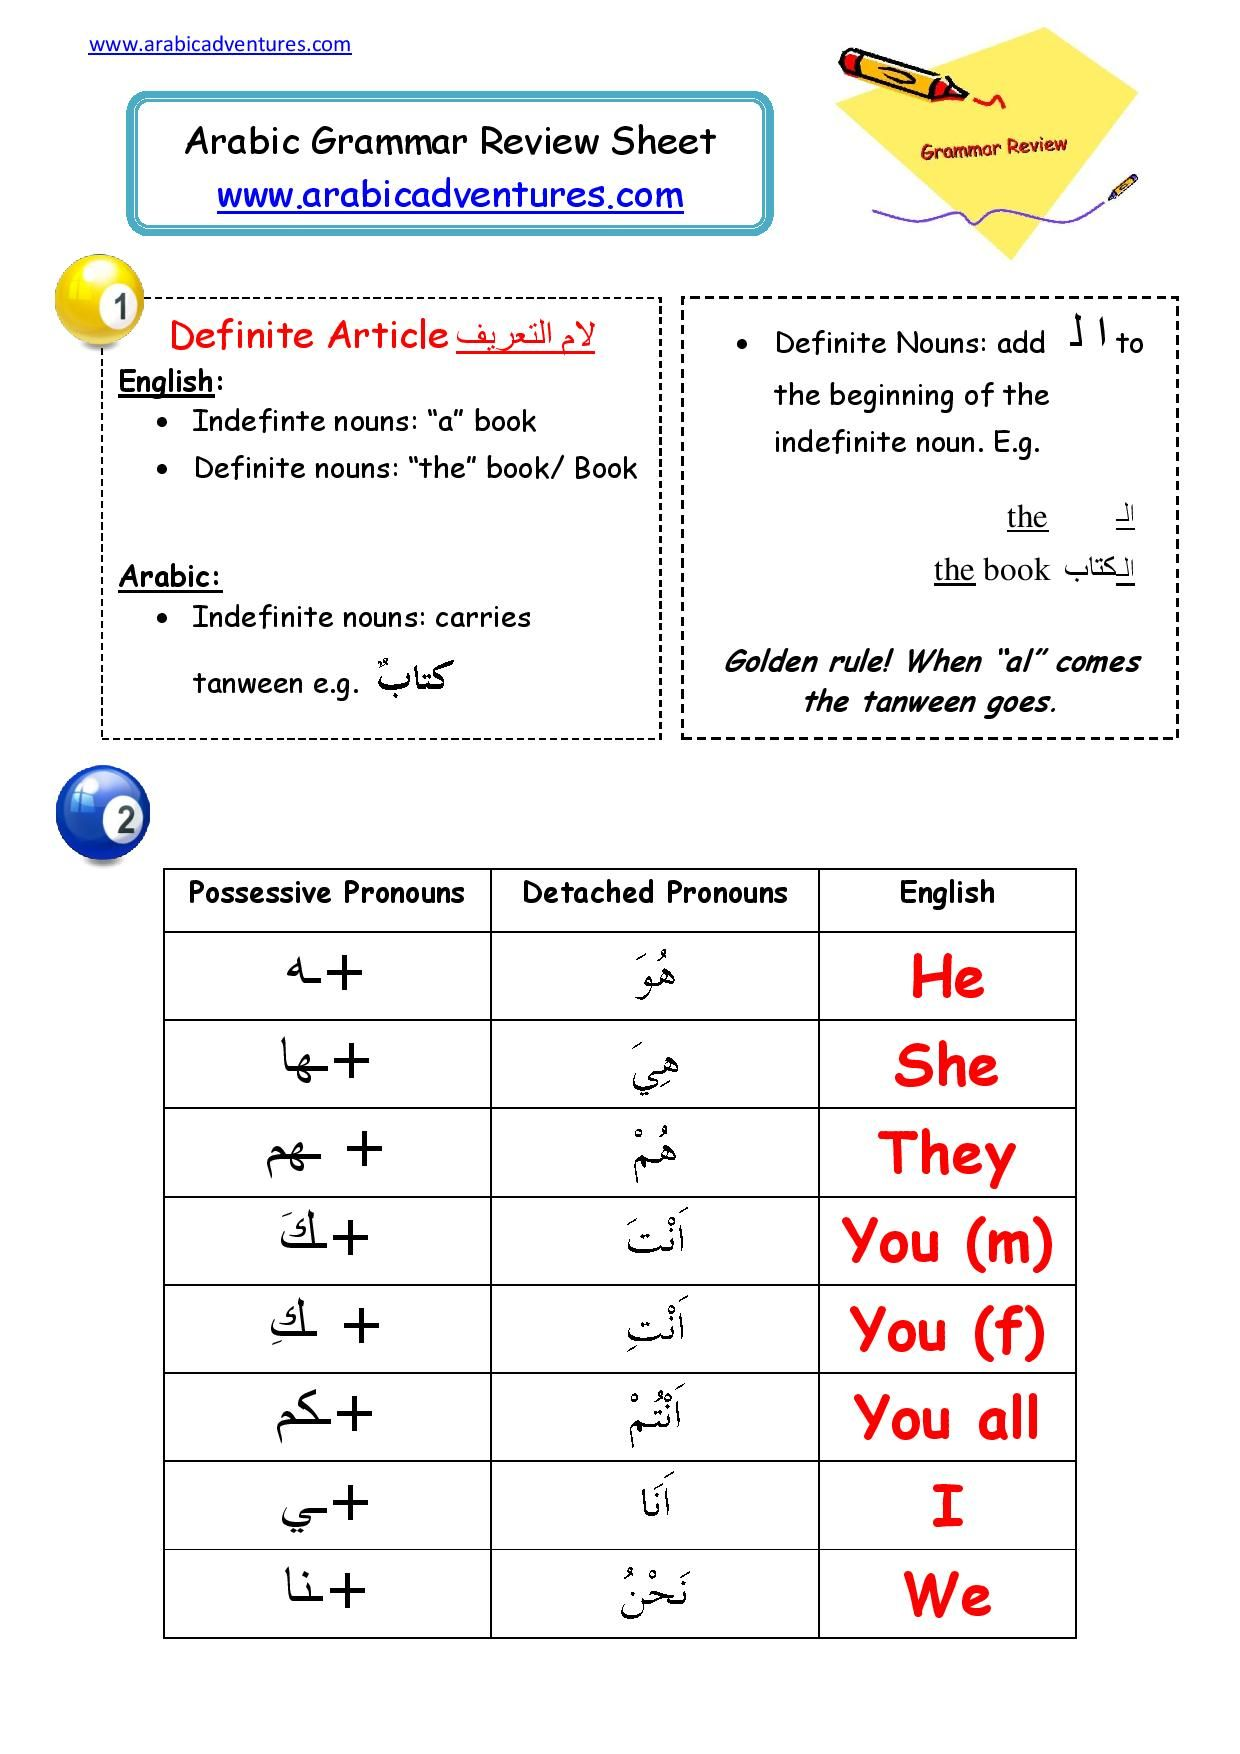 Free Pdf At Www Arabicadventures Com Arabic Verbs Learn Arabic Language Arabic Language [ 1754 x 1240 Pixel ]